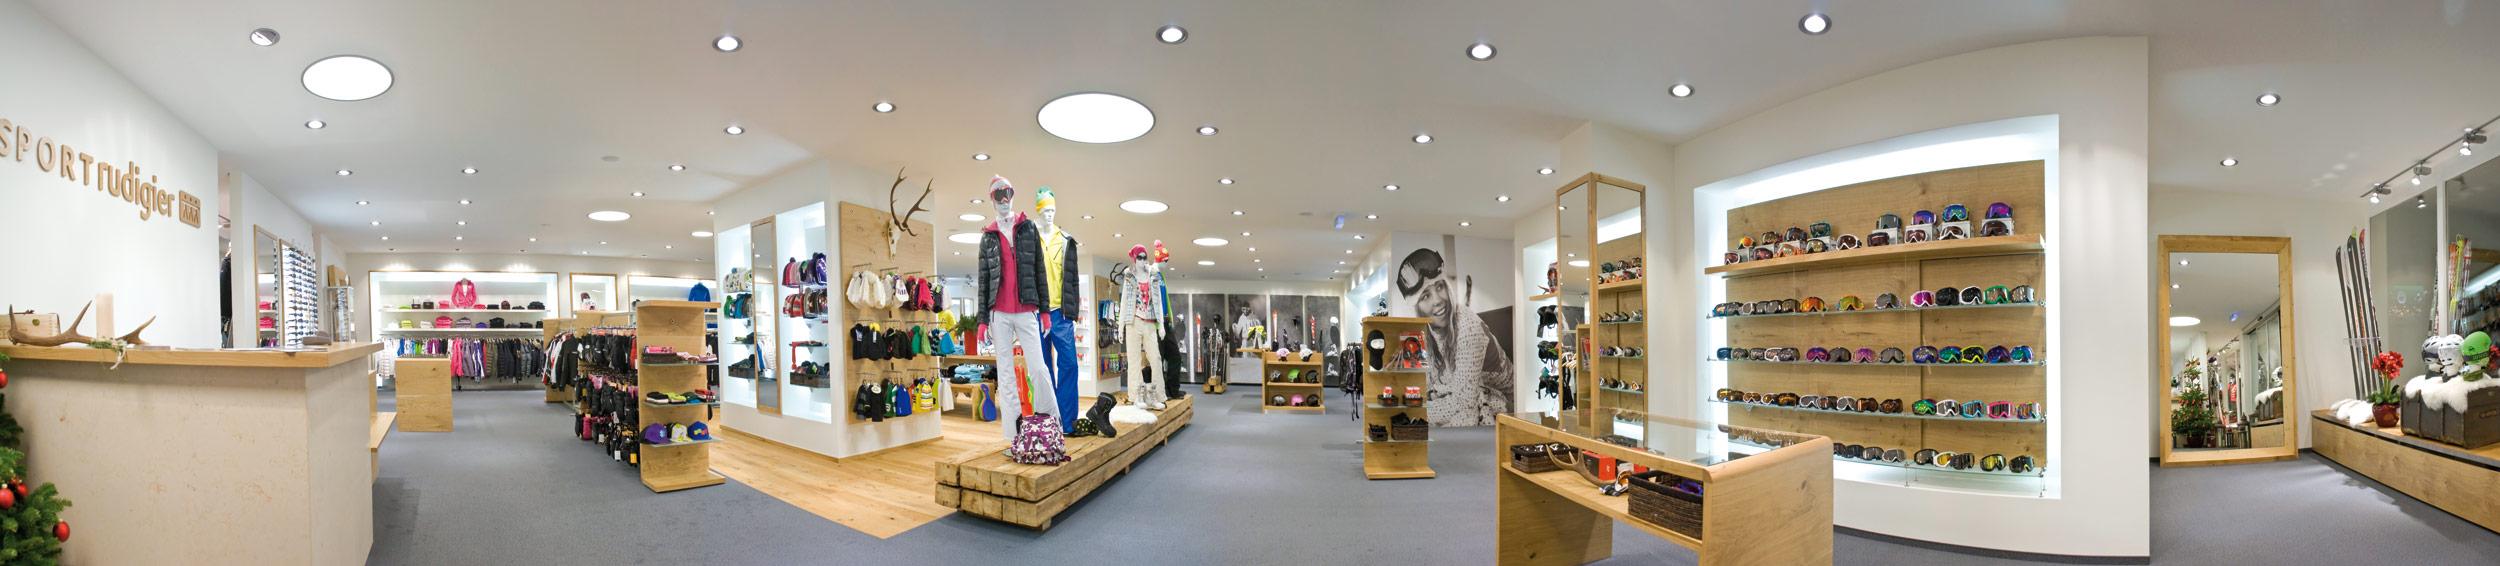 Shop Shopeinrichtung für Skiverleih und Skiverkauf